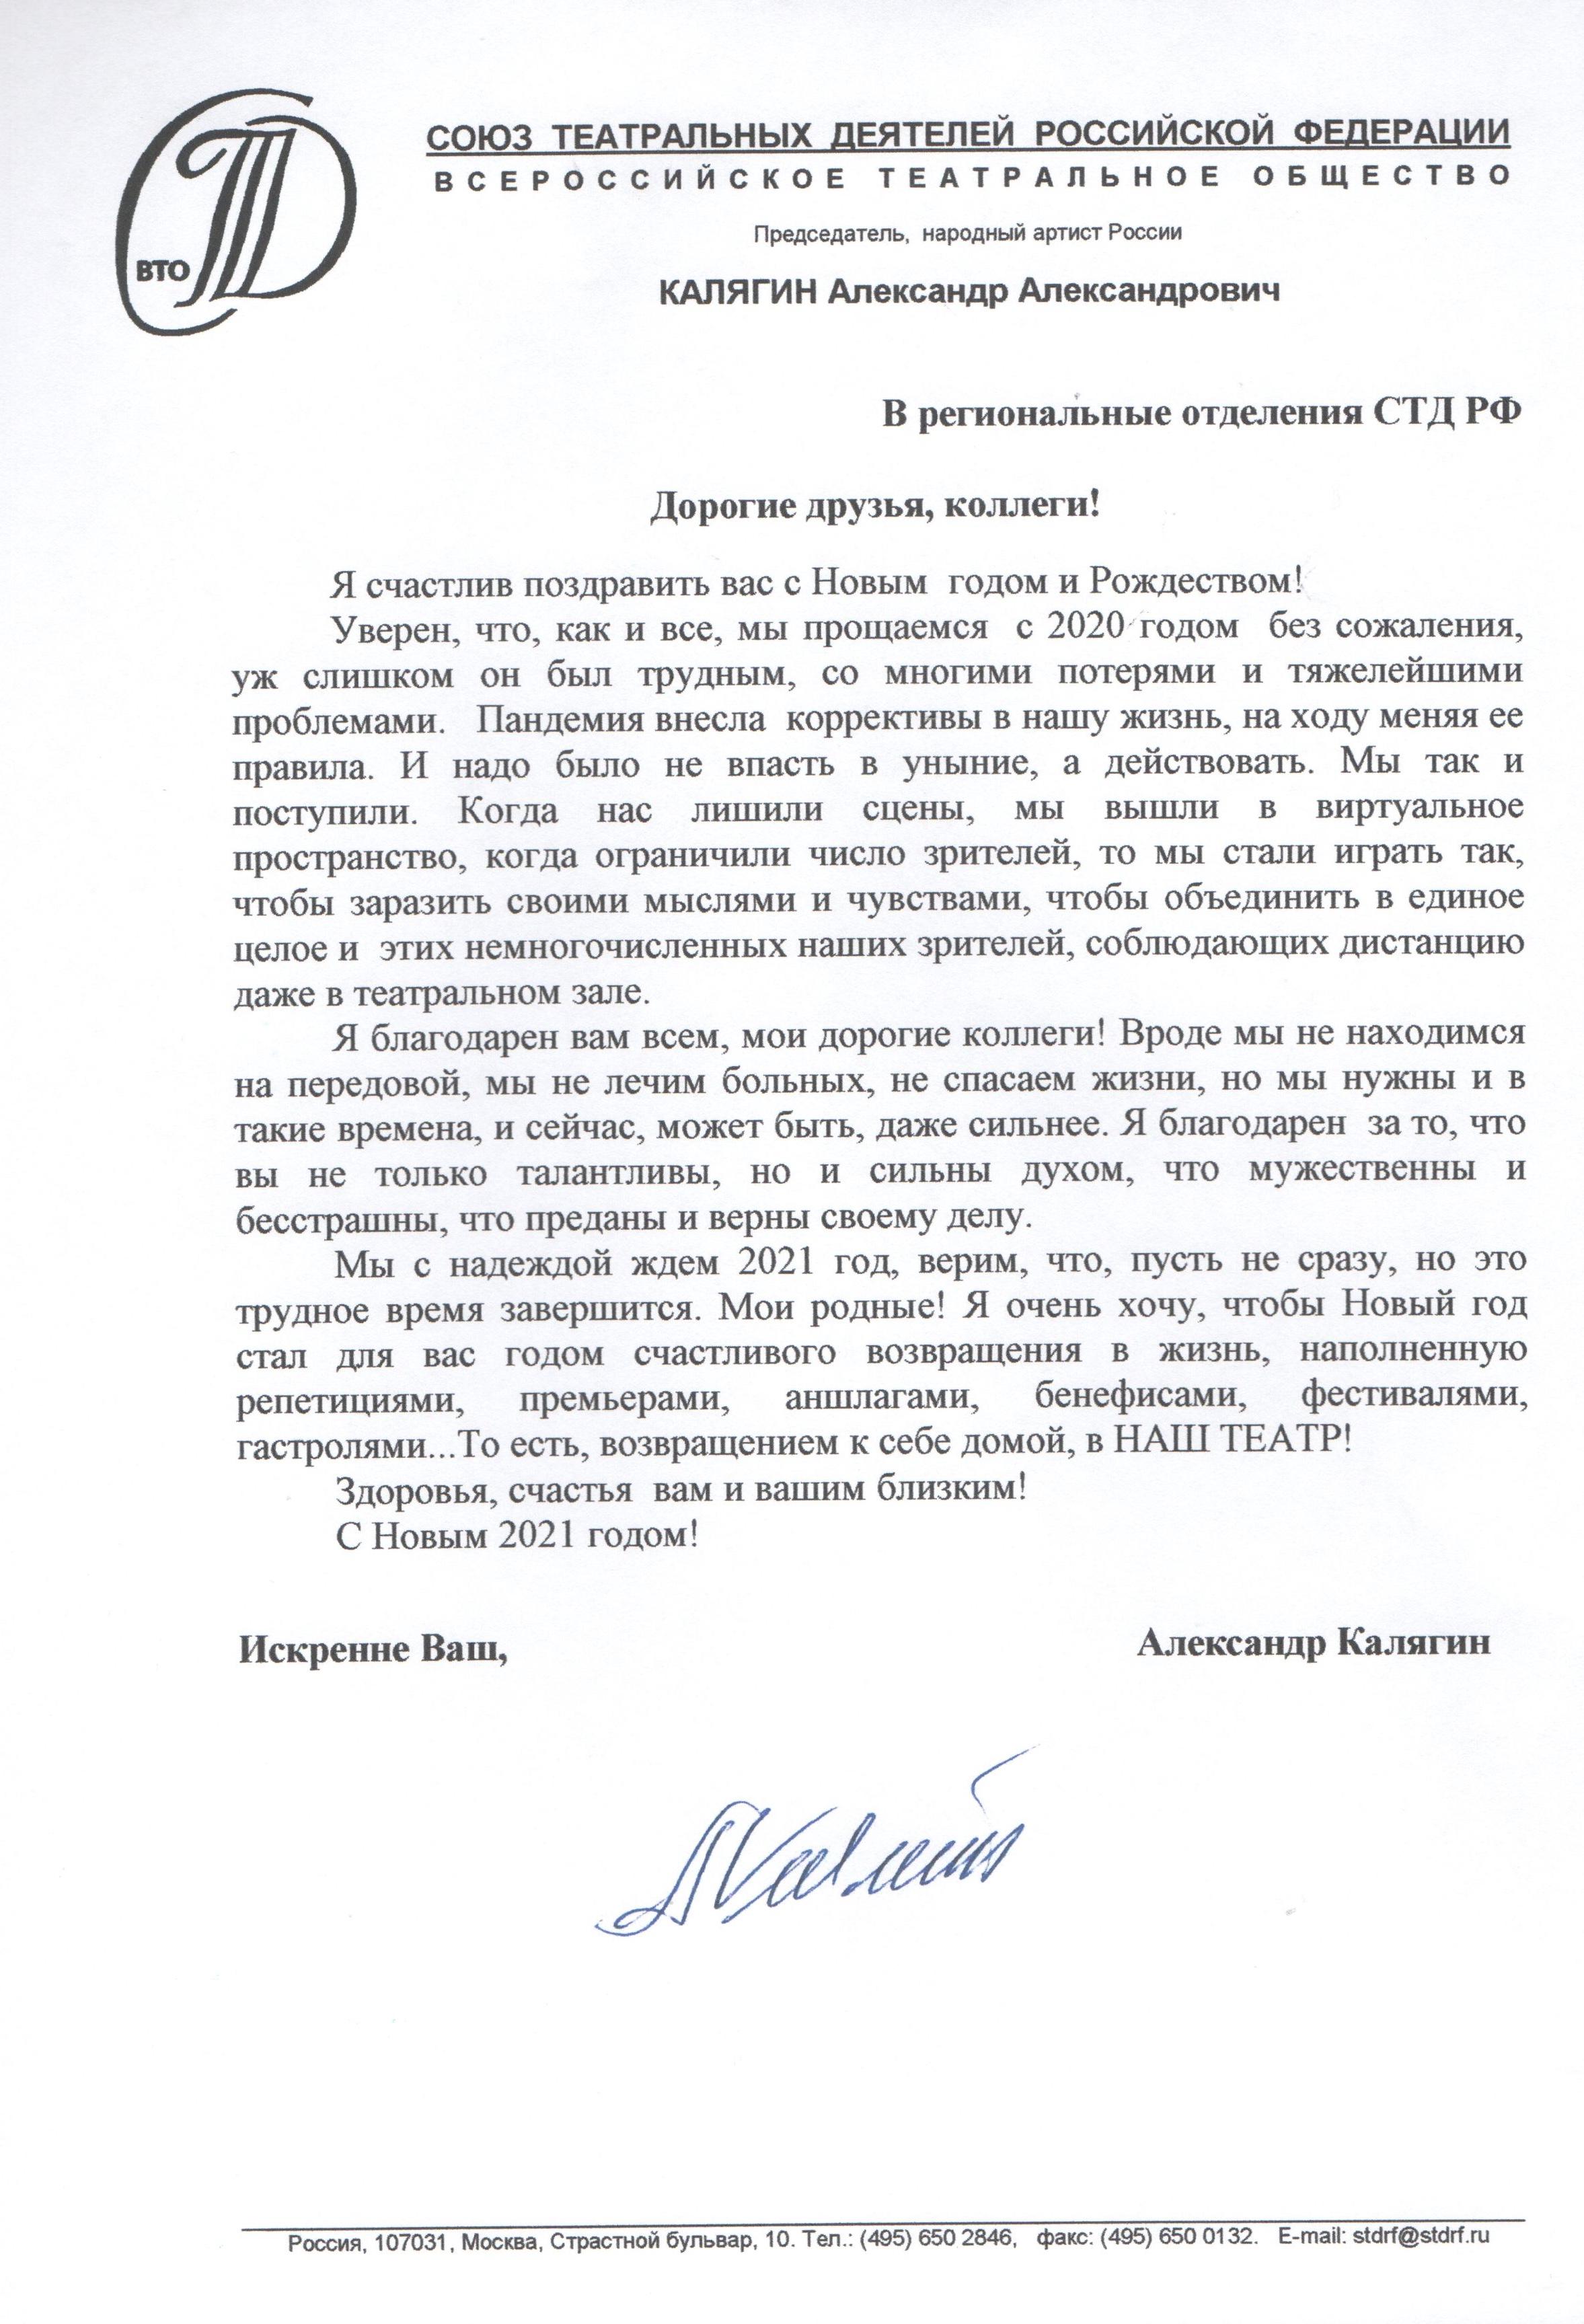 СТД РФ.С новый 2021 годом! Поздравление А.А.Калягина